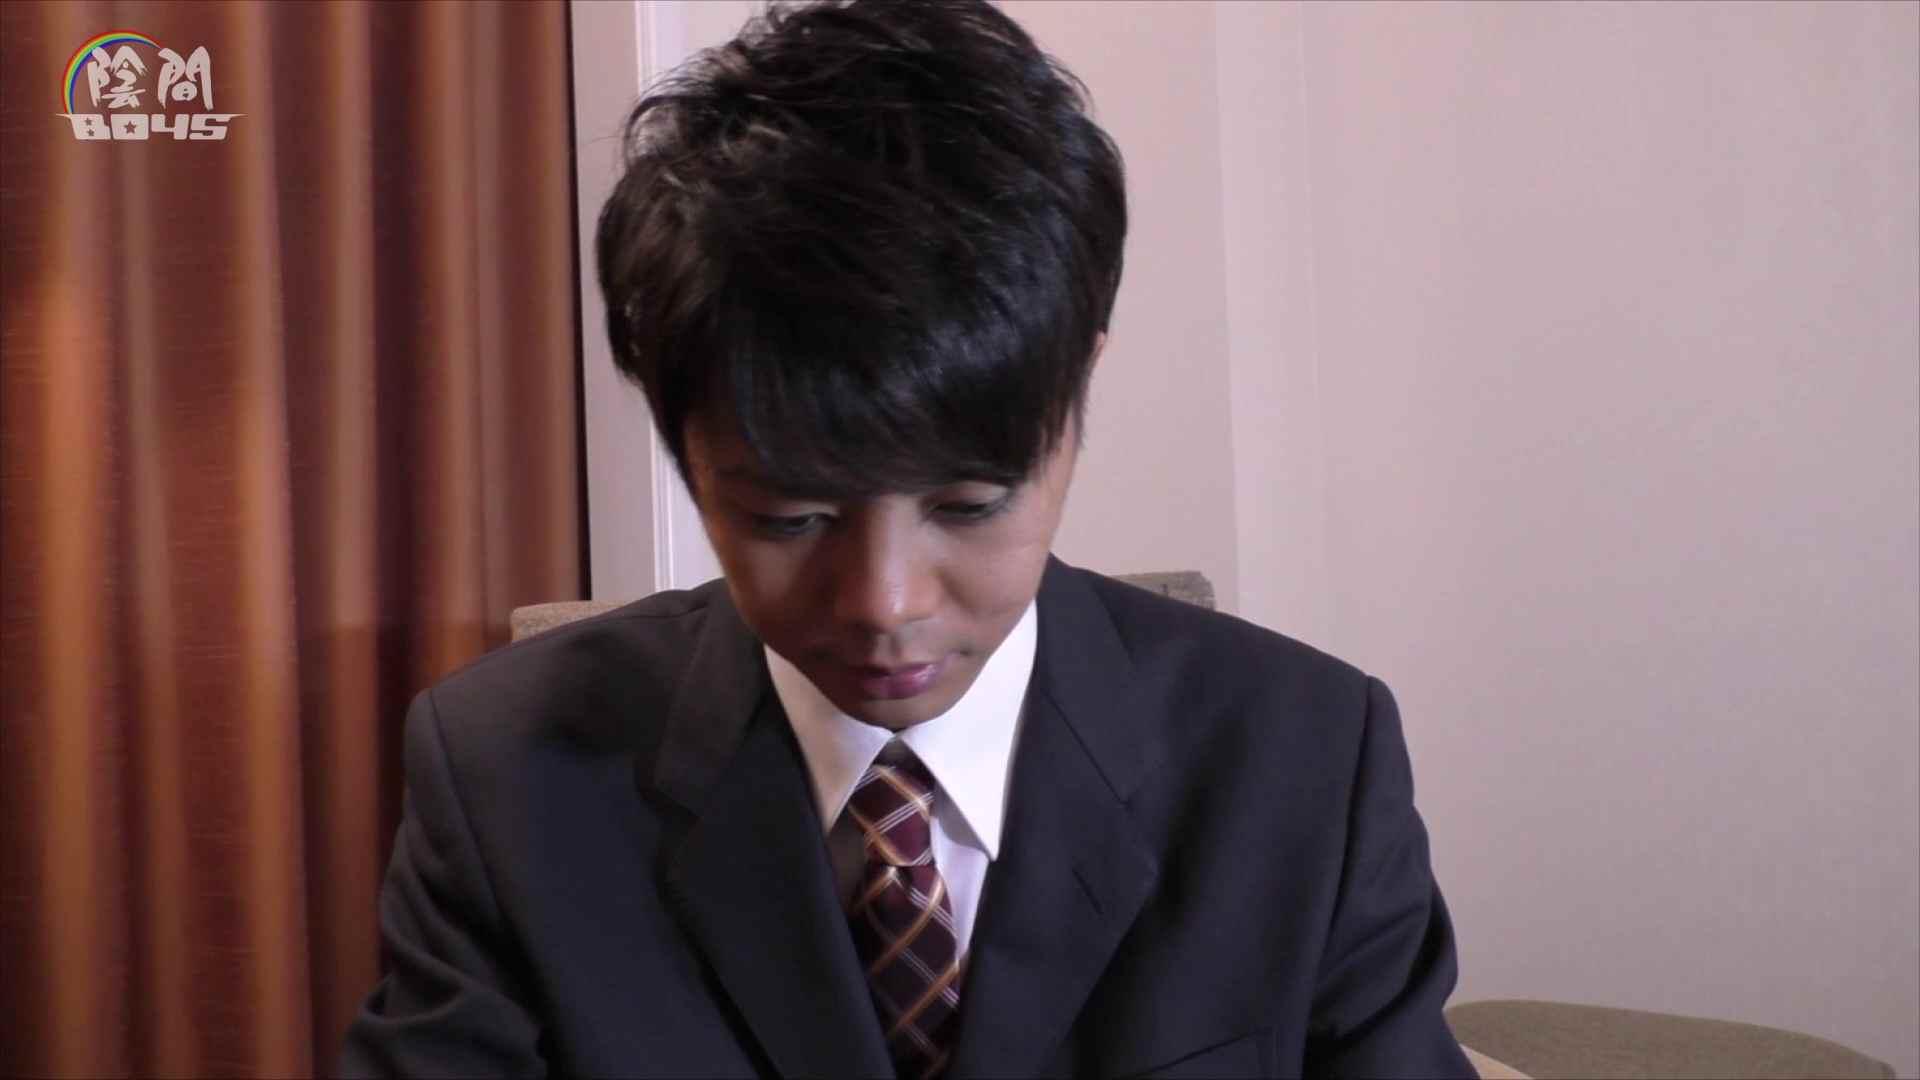 陰間BOYS~キャバクラの仕事はアナルから4 Vol.01 ザーメン ゲイエロ画像 108pic 43